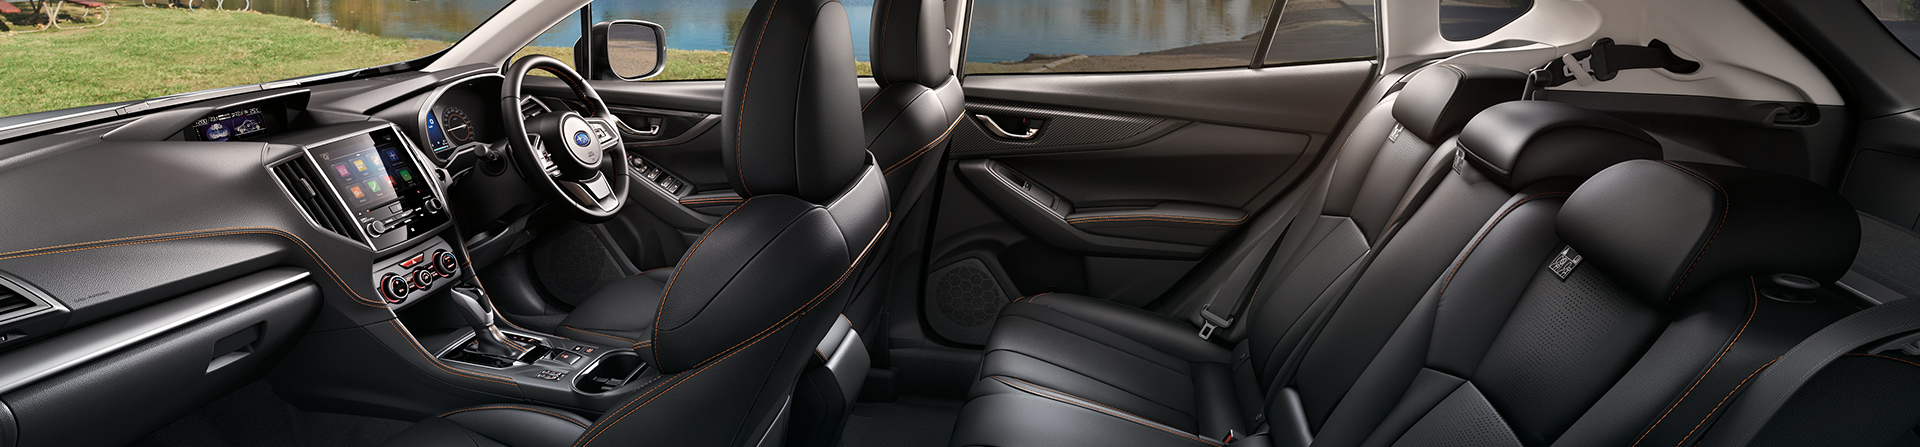 Subaru XV Image 4